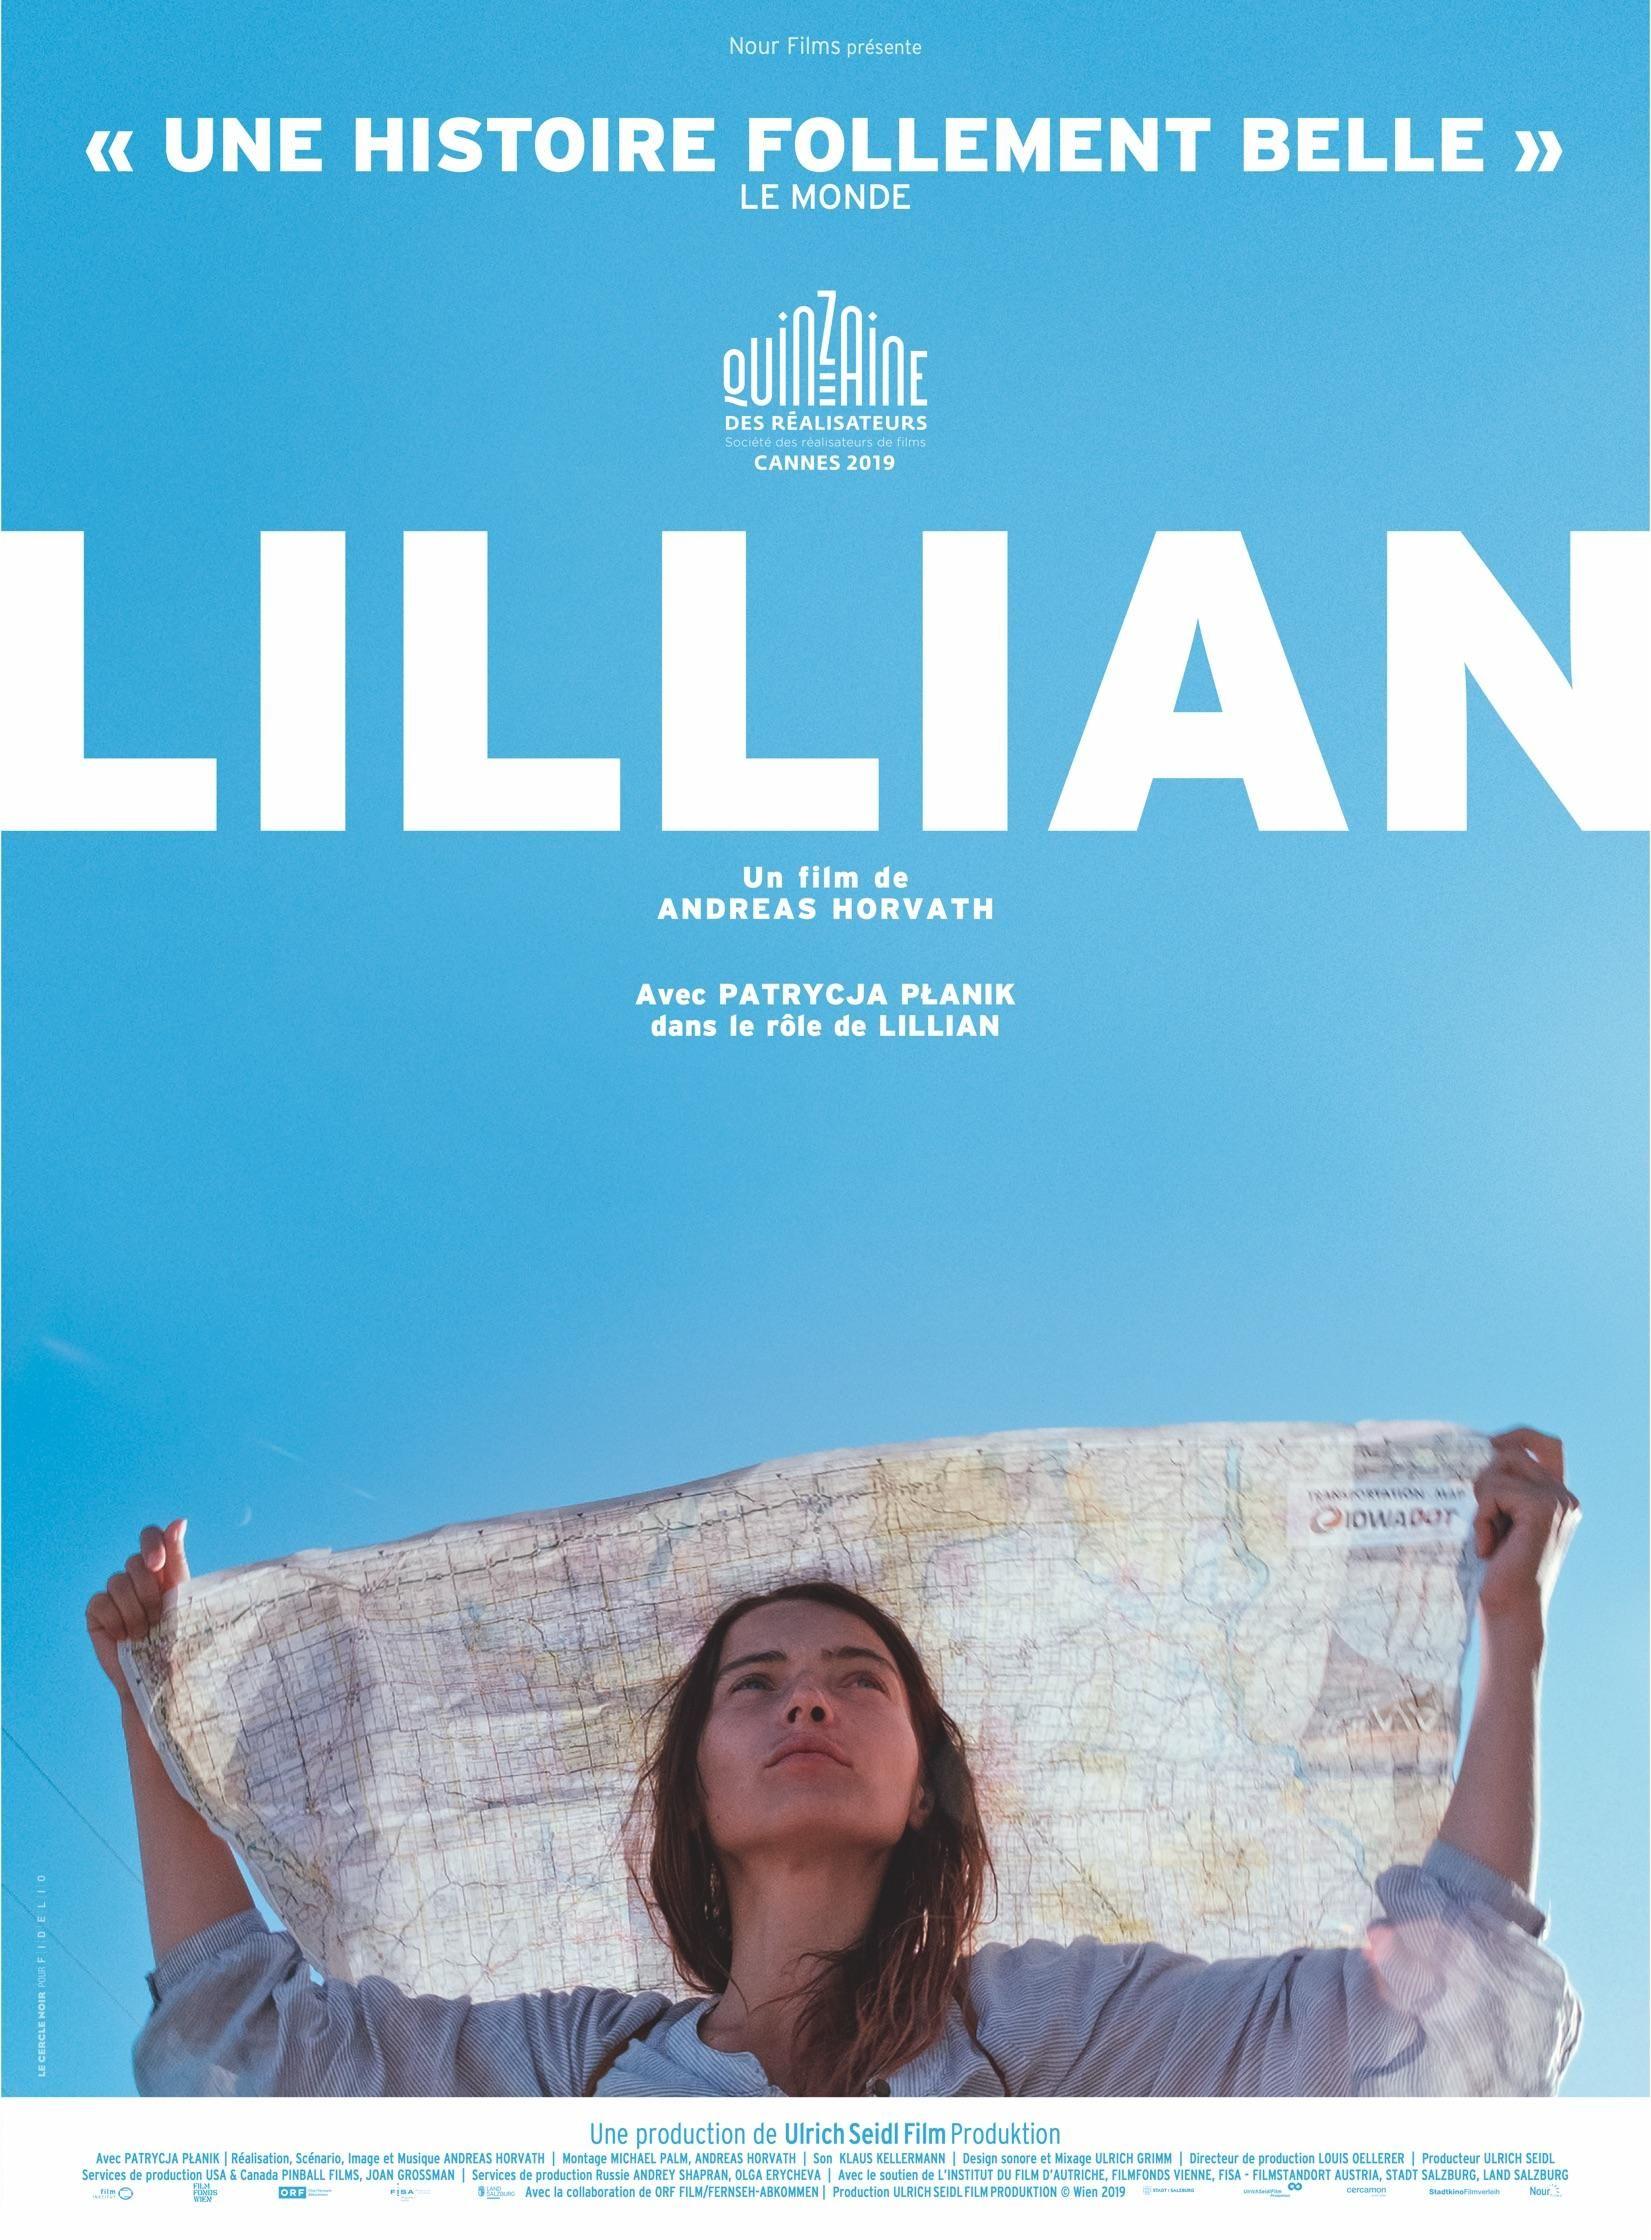 Affiche du film: une femme tient un grand tissu au-dessus de sa tête. Le reste de l'image est un ciel bleu, barré par le titre «Lillian».